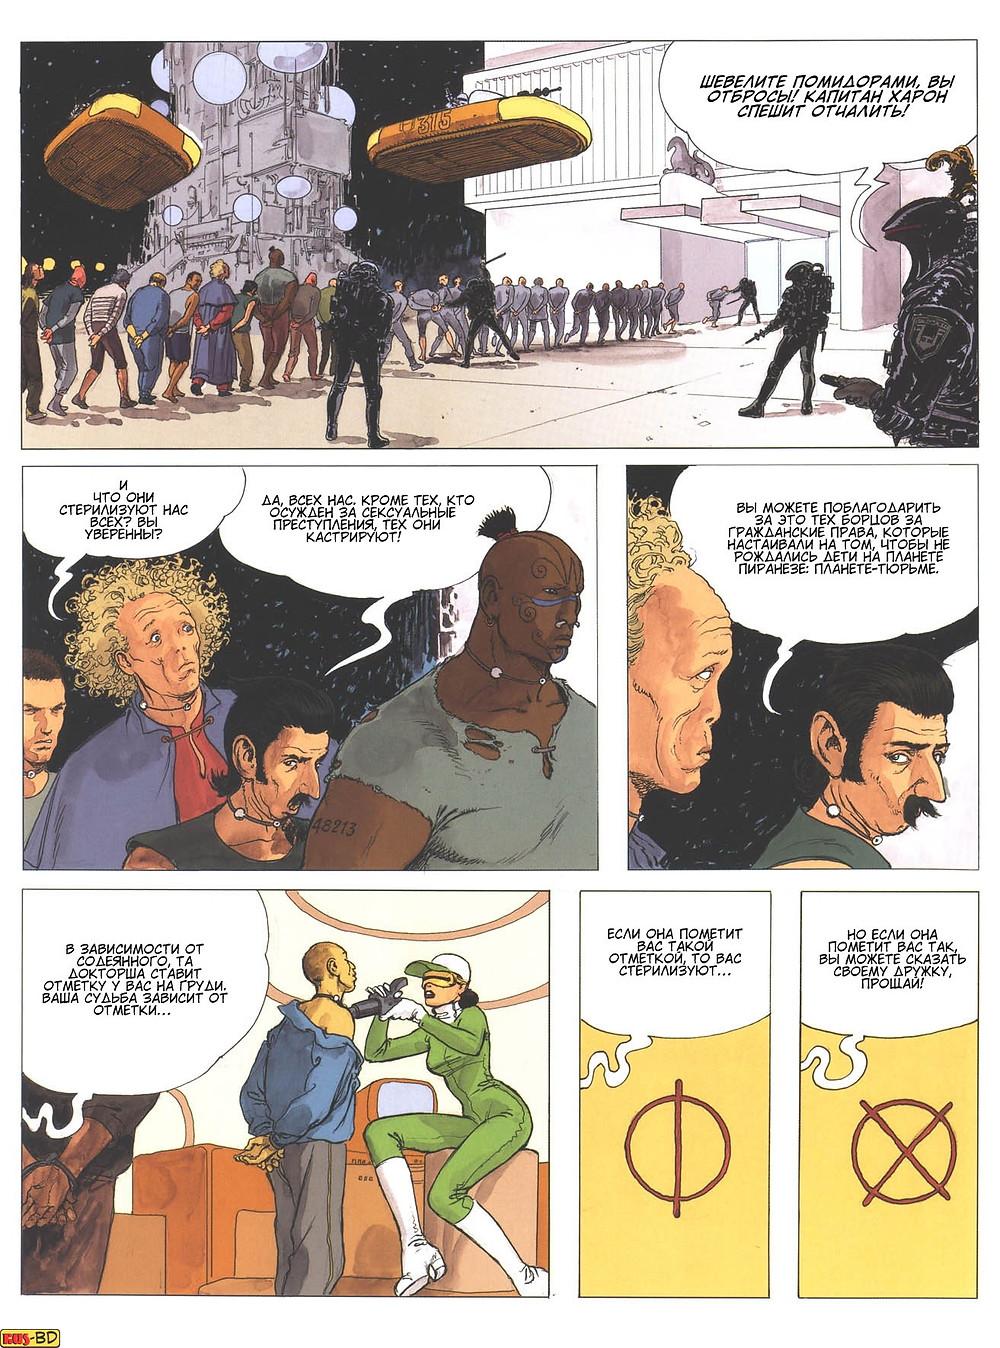 Эротический комикс на русском. Мило Манара. Пиранезе - планета тюрьма. Страница 7